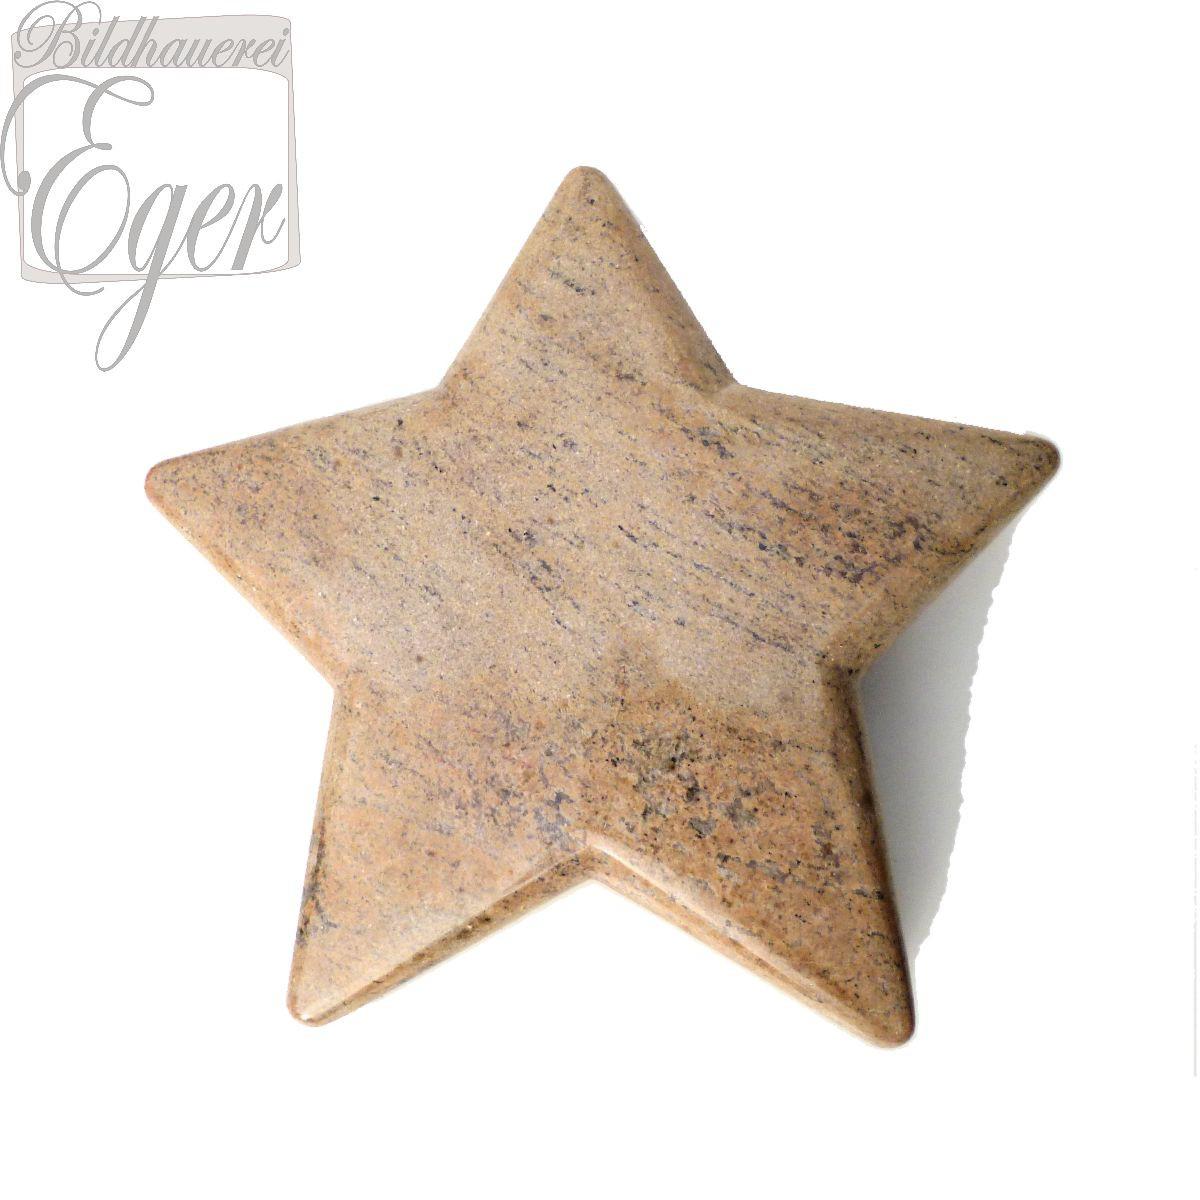 Kindergrabstein Stern Aus Hellbraunem Granit Für Ein Sternenkind